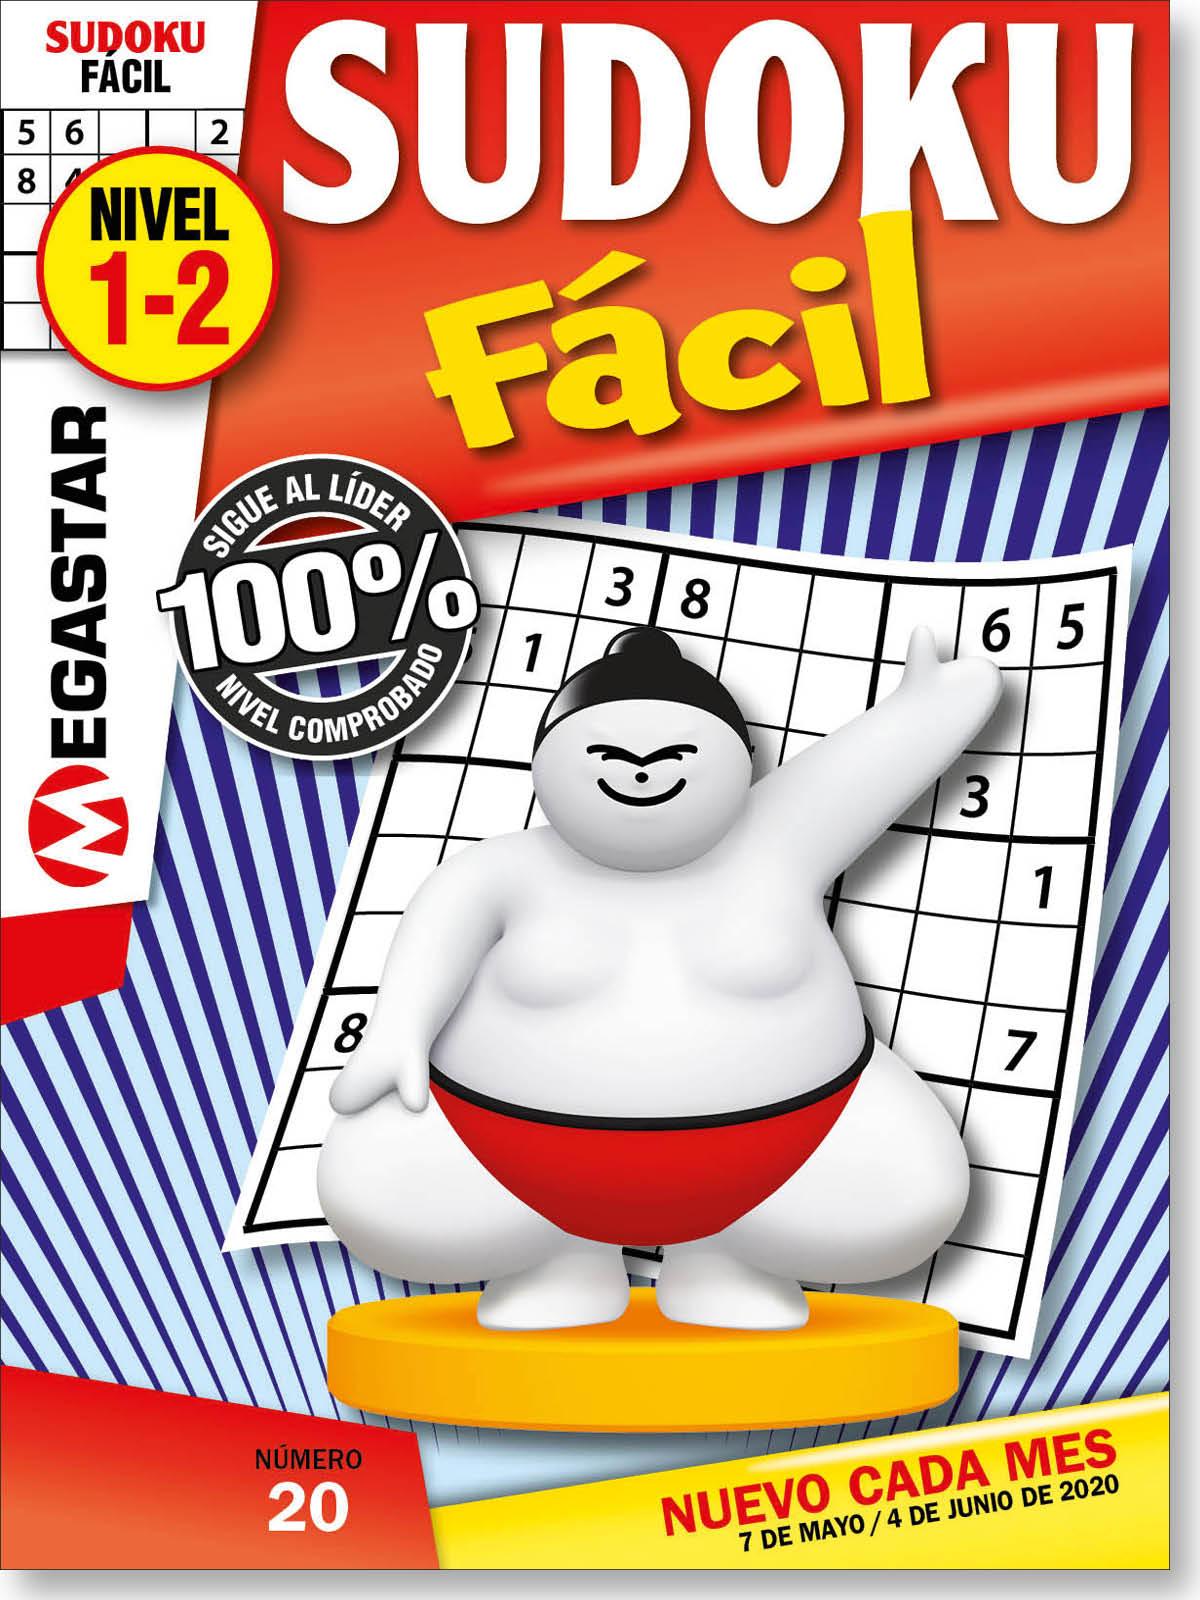 Sudoku Fácil Nivel 1-2